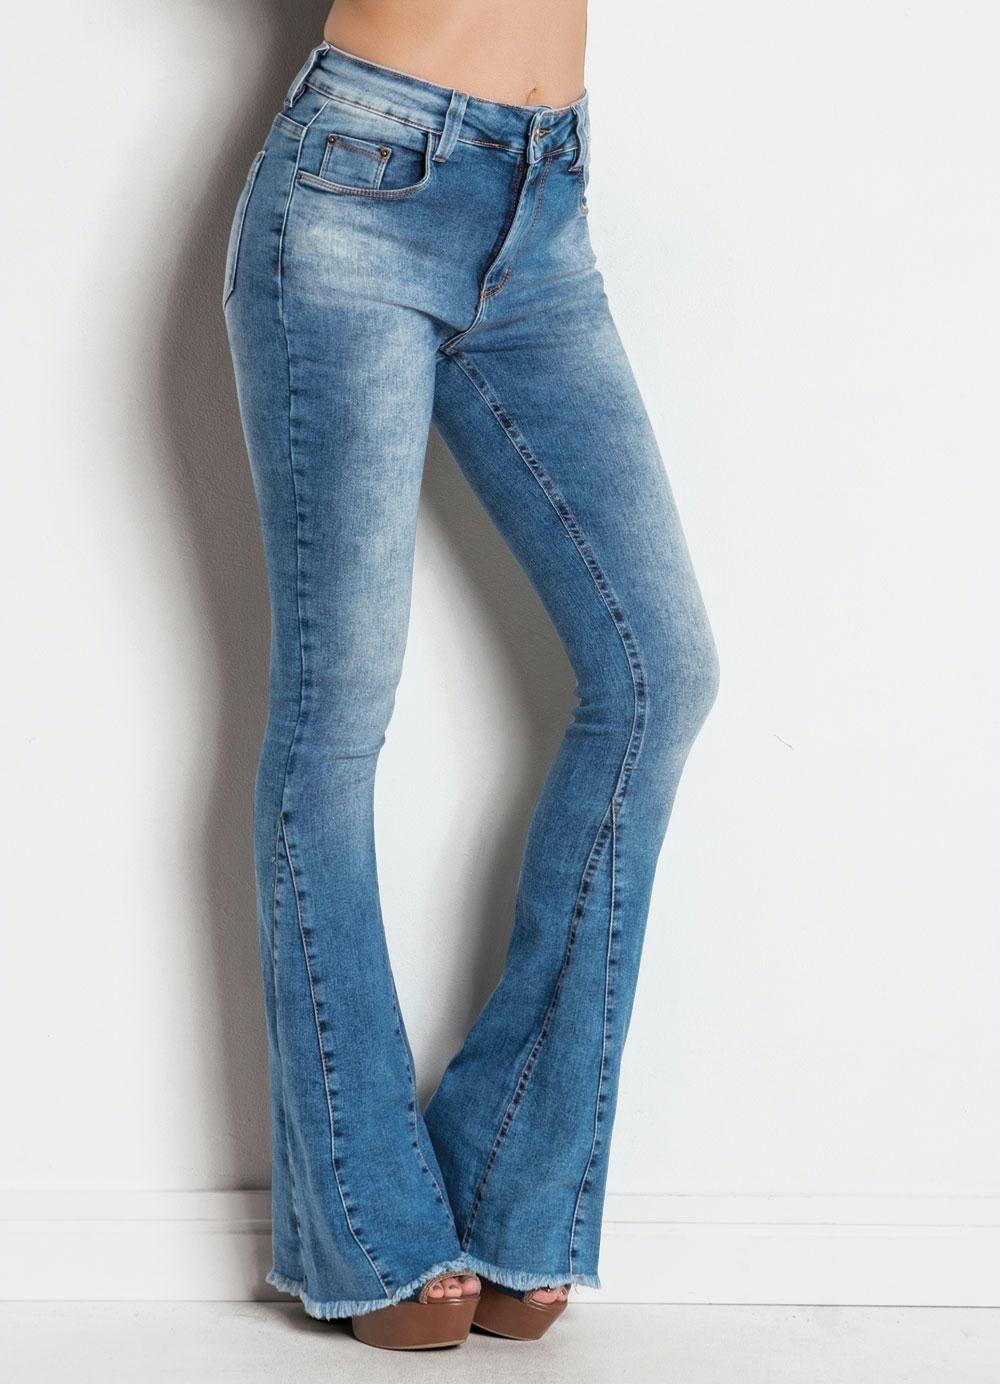 Calça Jeans Sawary Flare Azul com Barra Desfiada  2b683f2095d